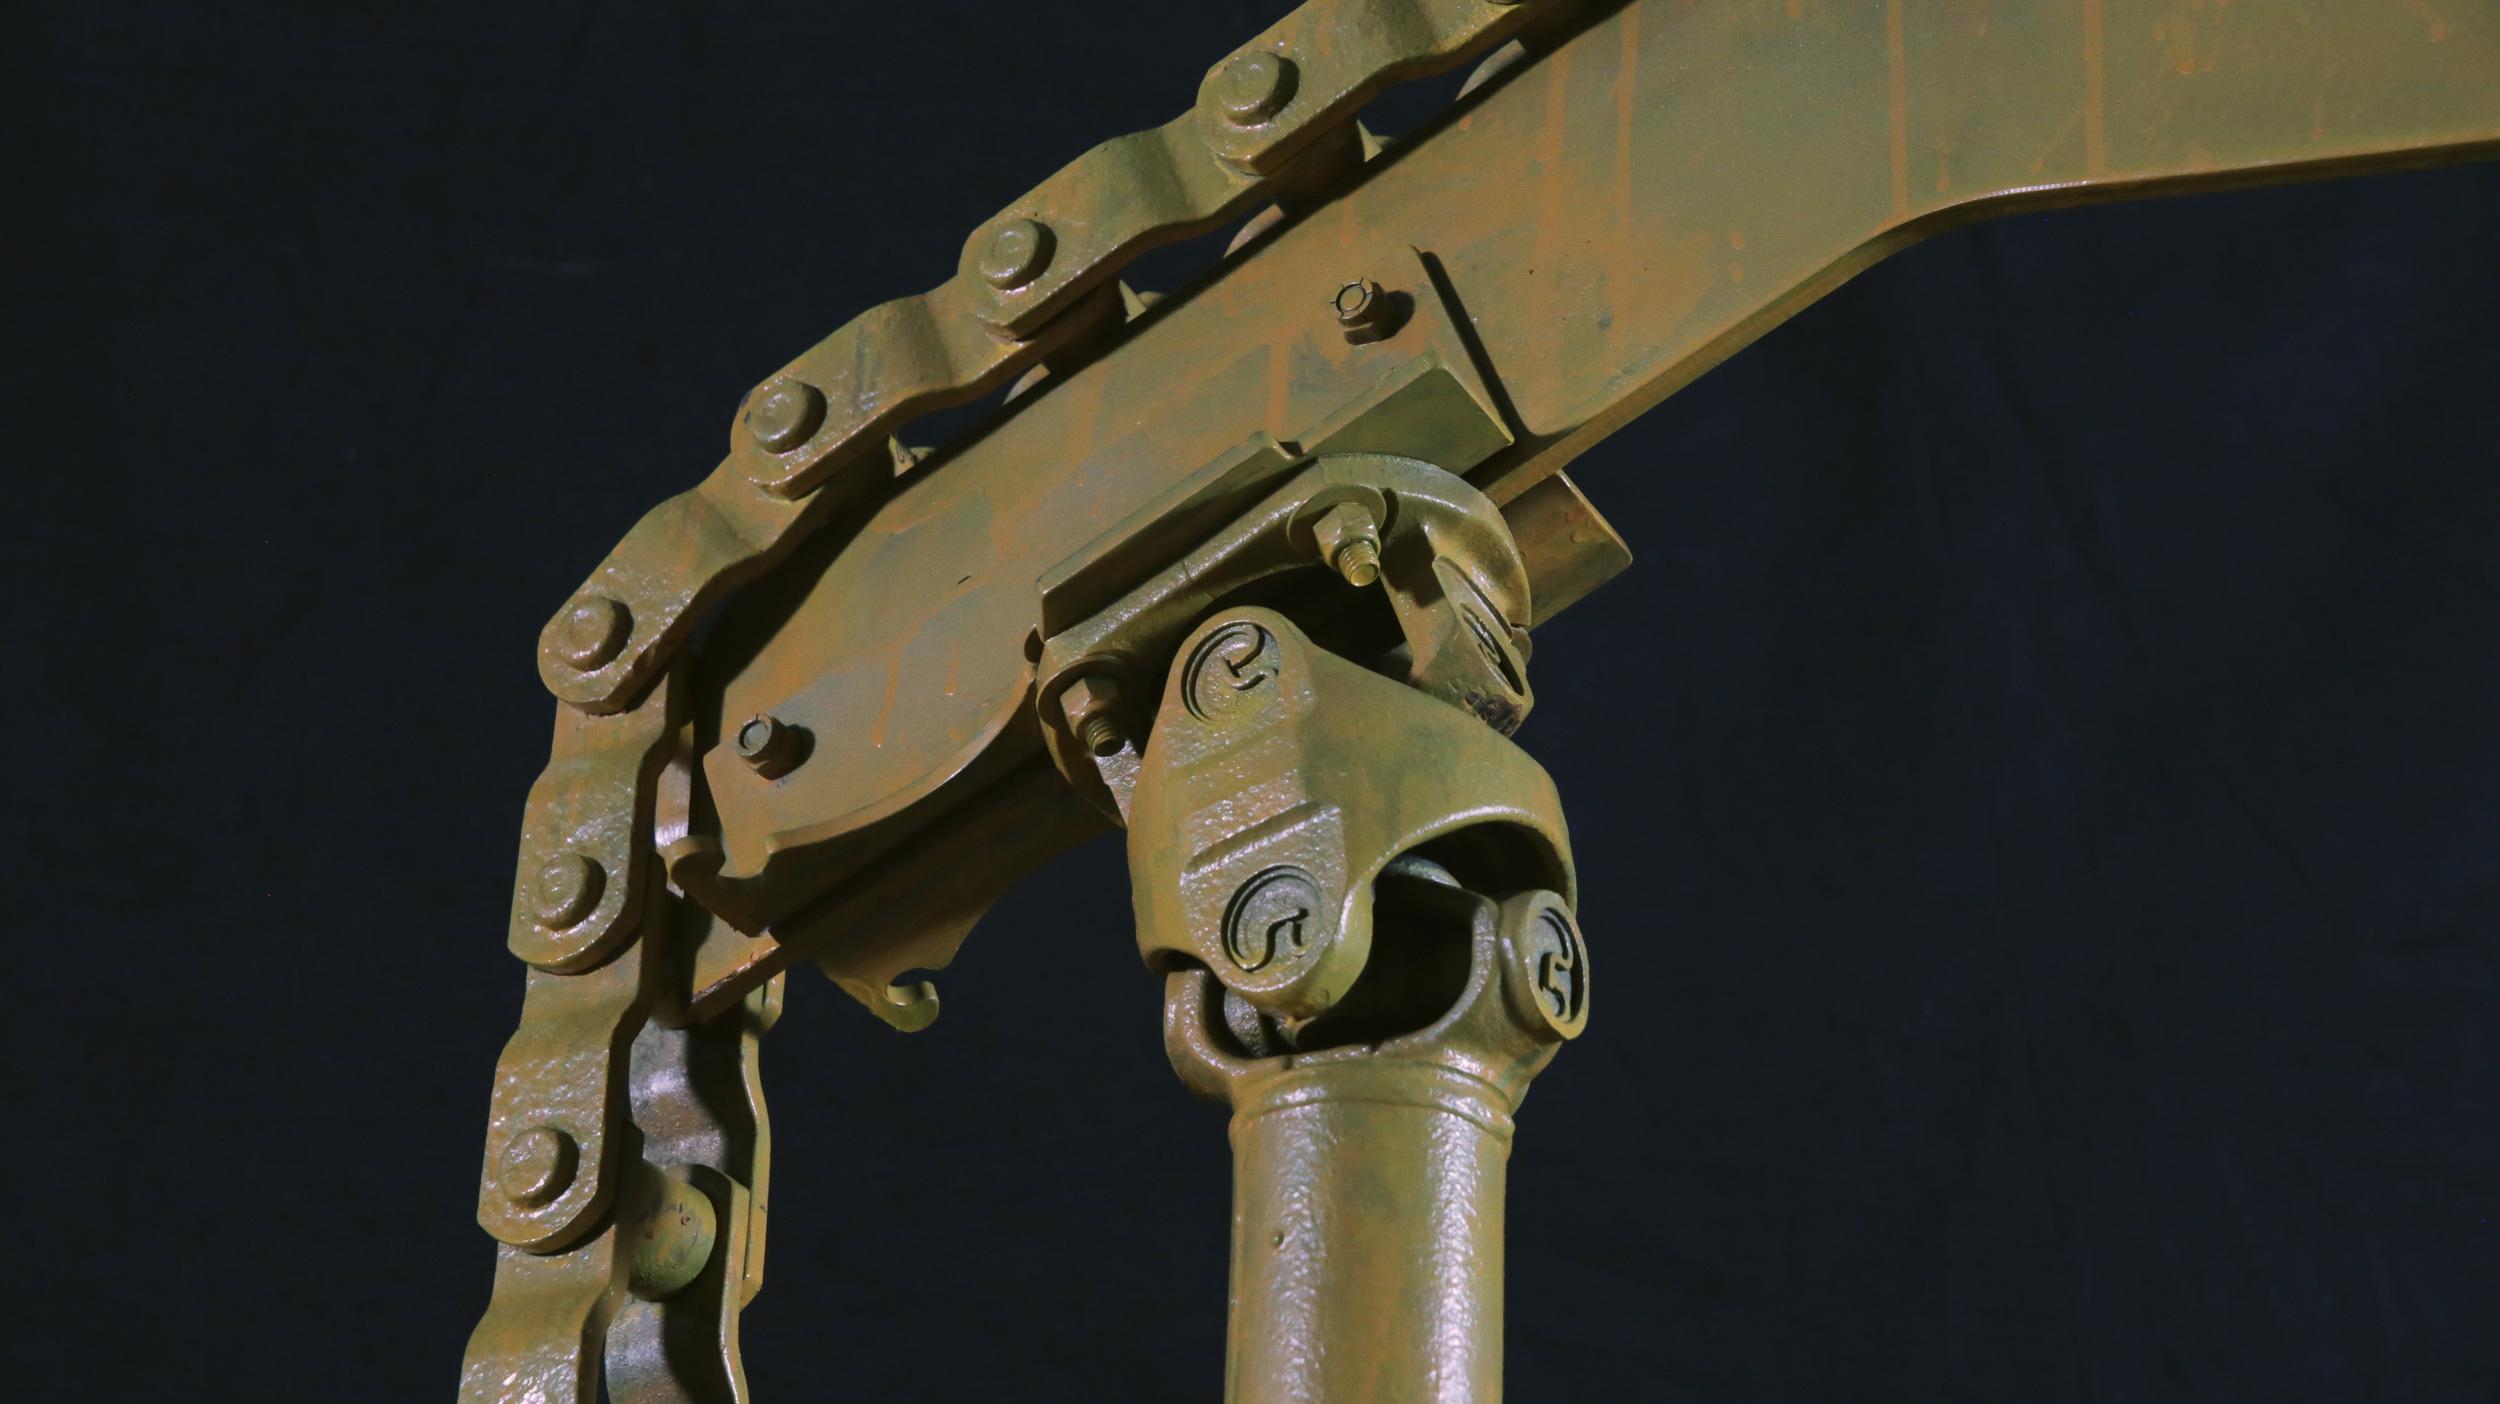 Yellow Chain (CU1).jpg